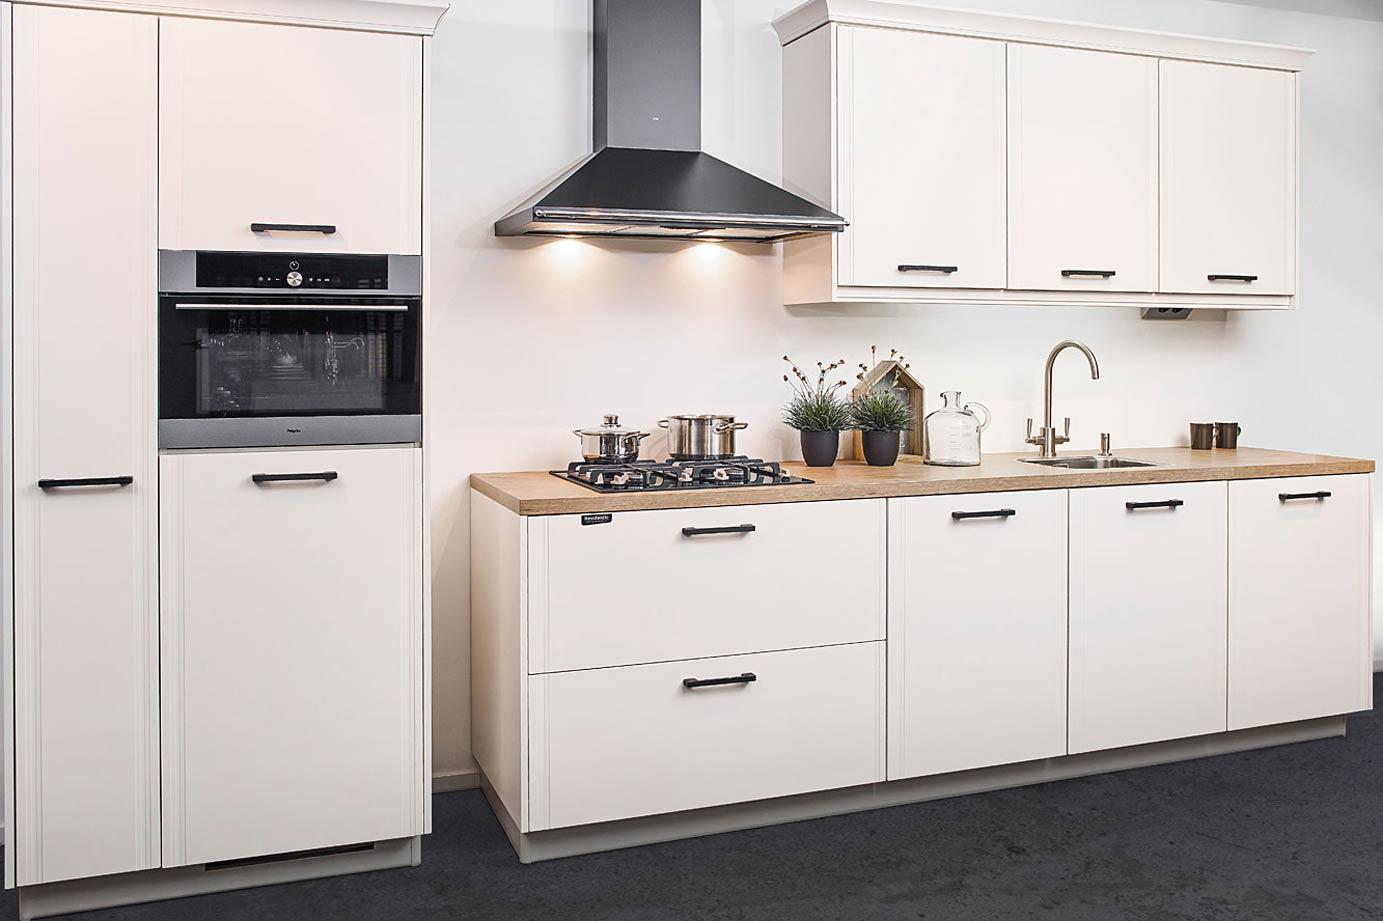 Badkamer Showroom Katwijk : Keukens katwijk profiteer van transparante prijs db keukens